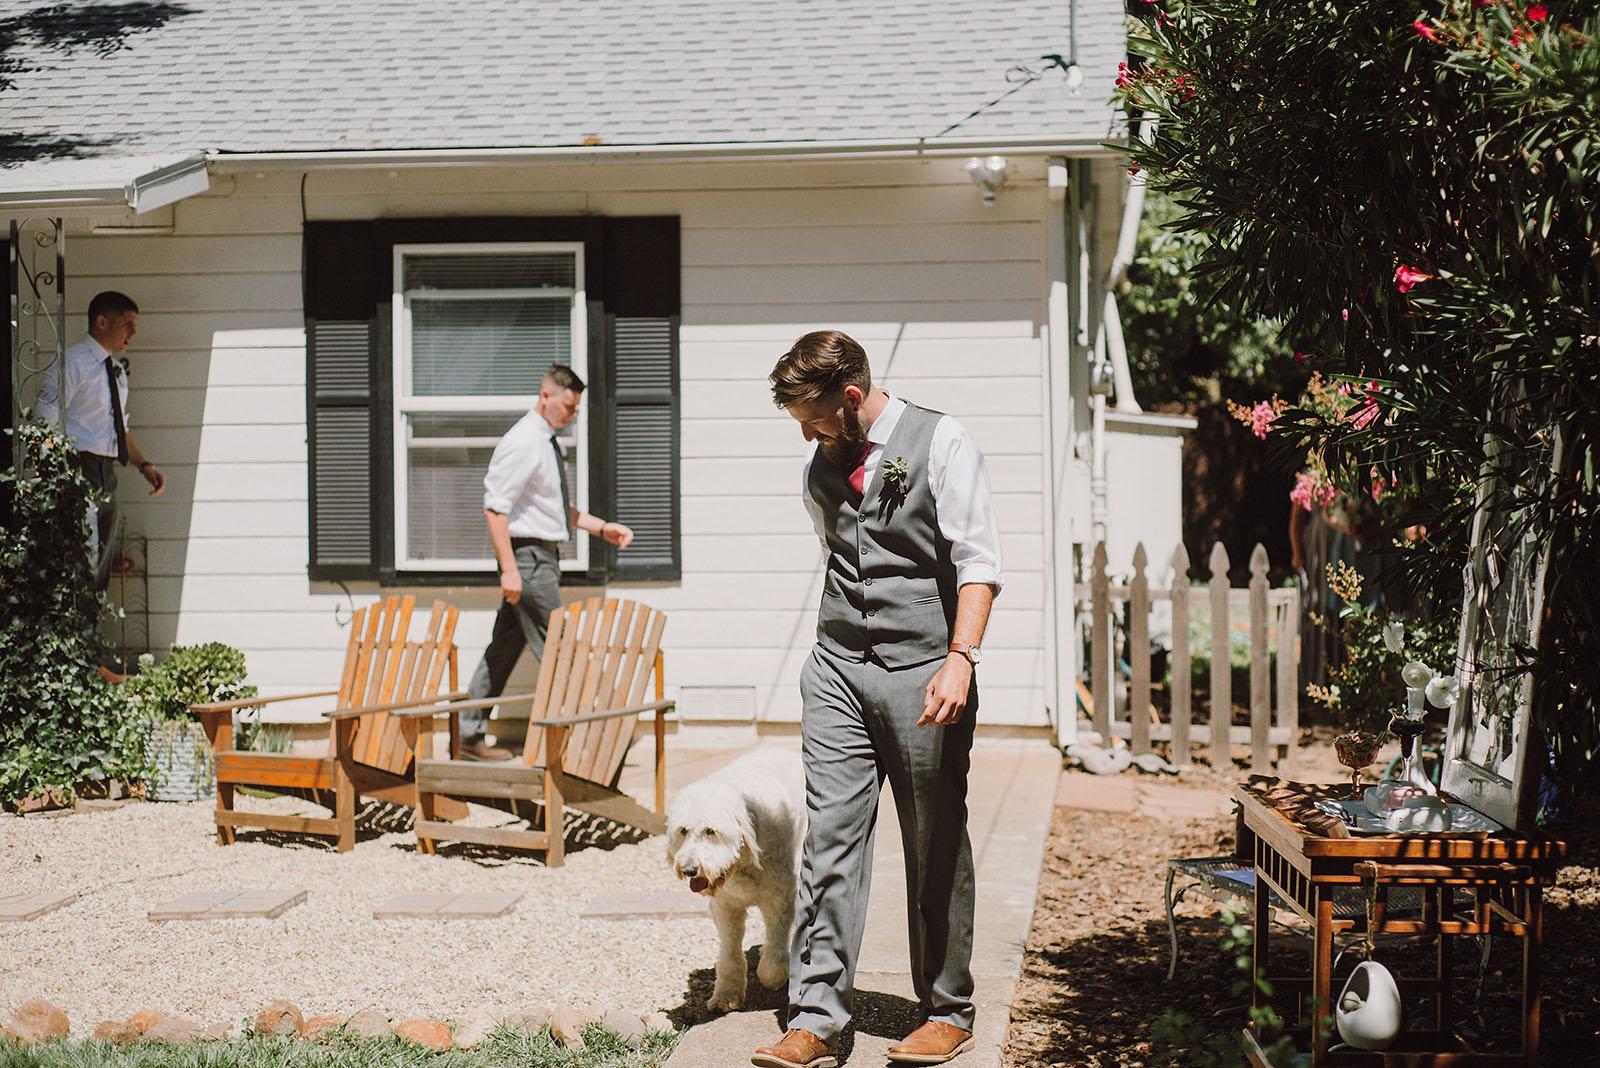 jens u0026 anthony u0027s backyard chico california wedding